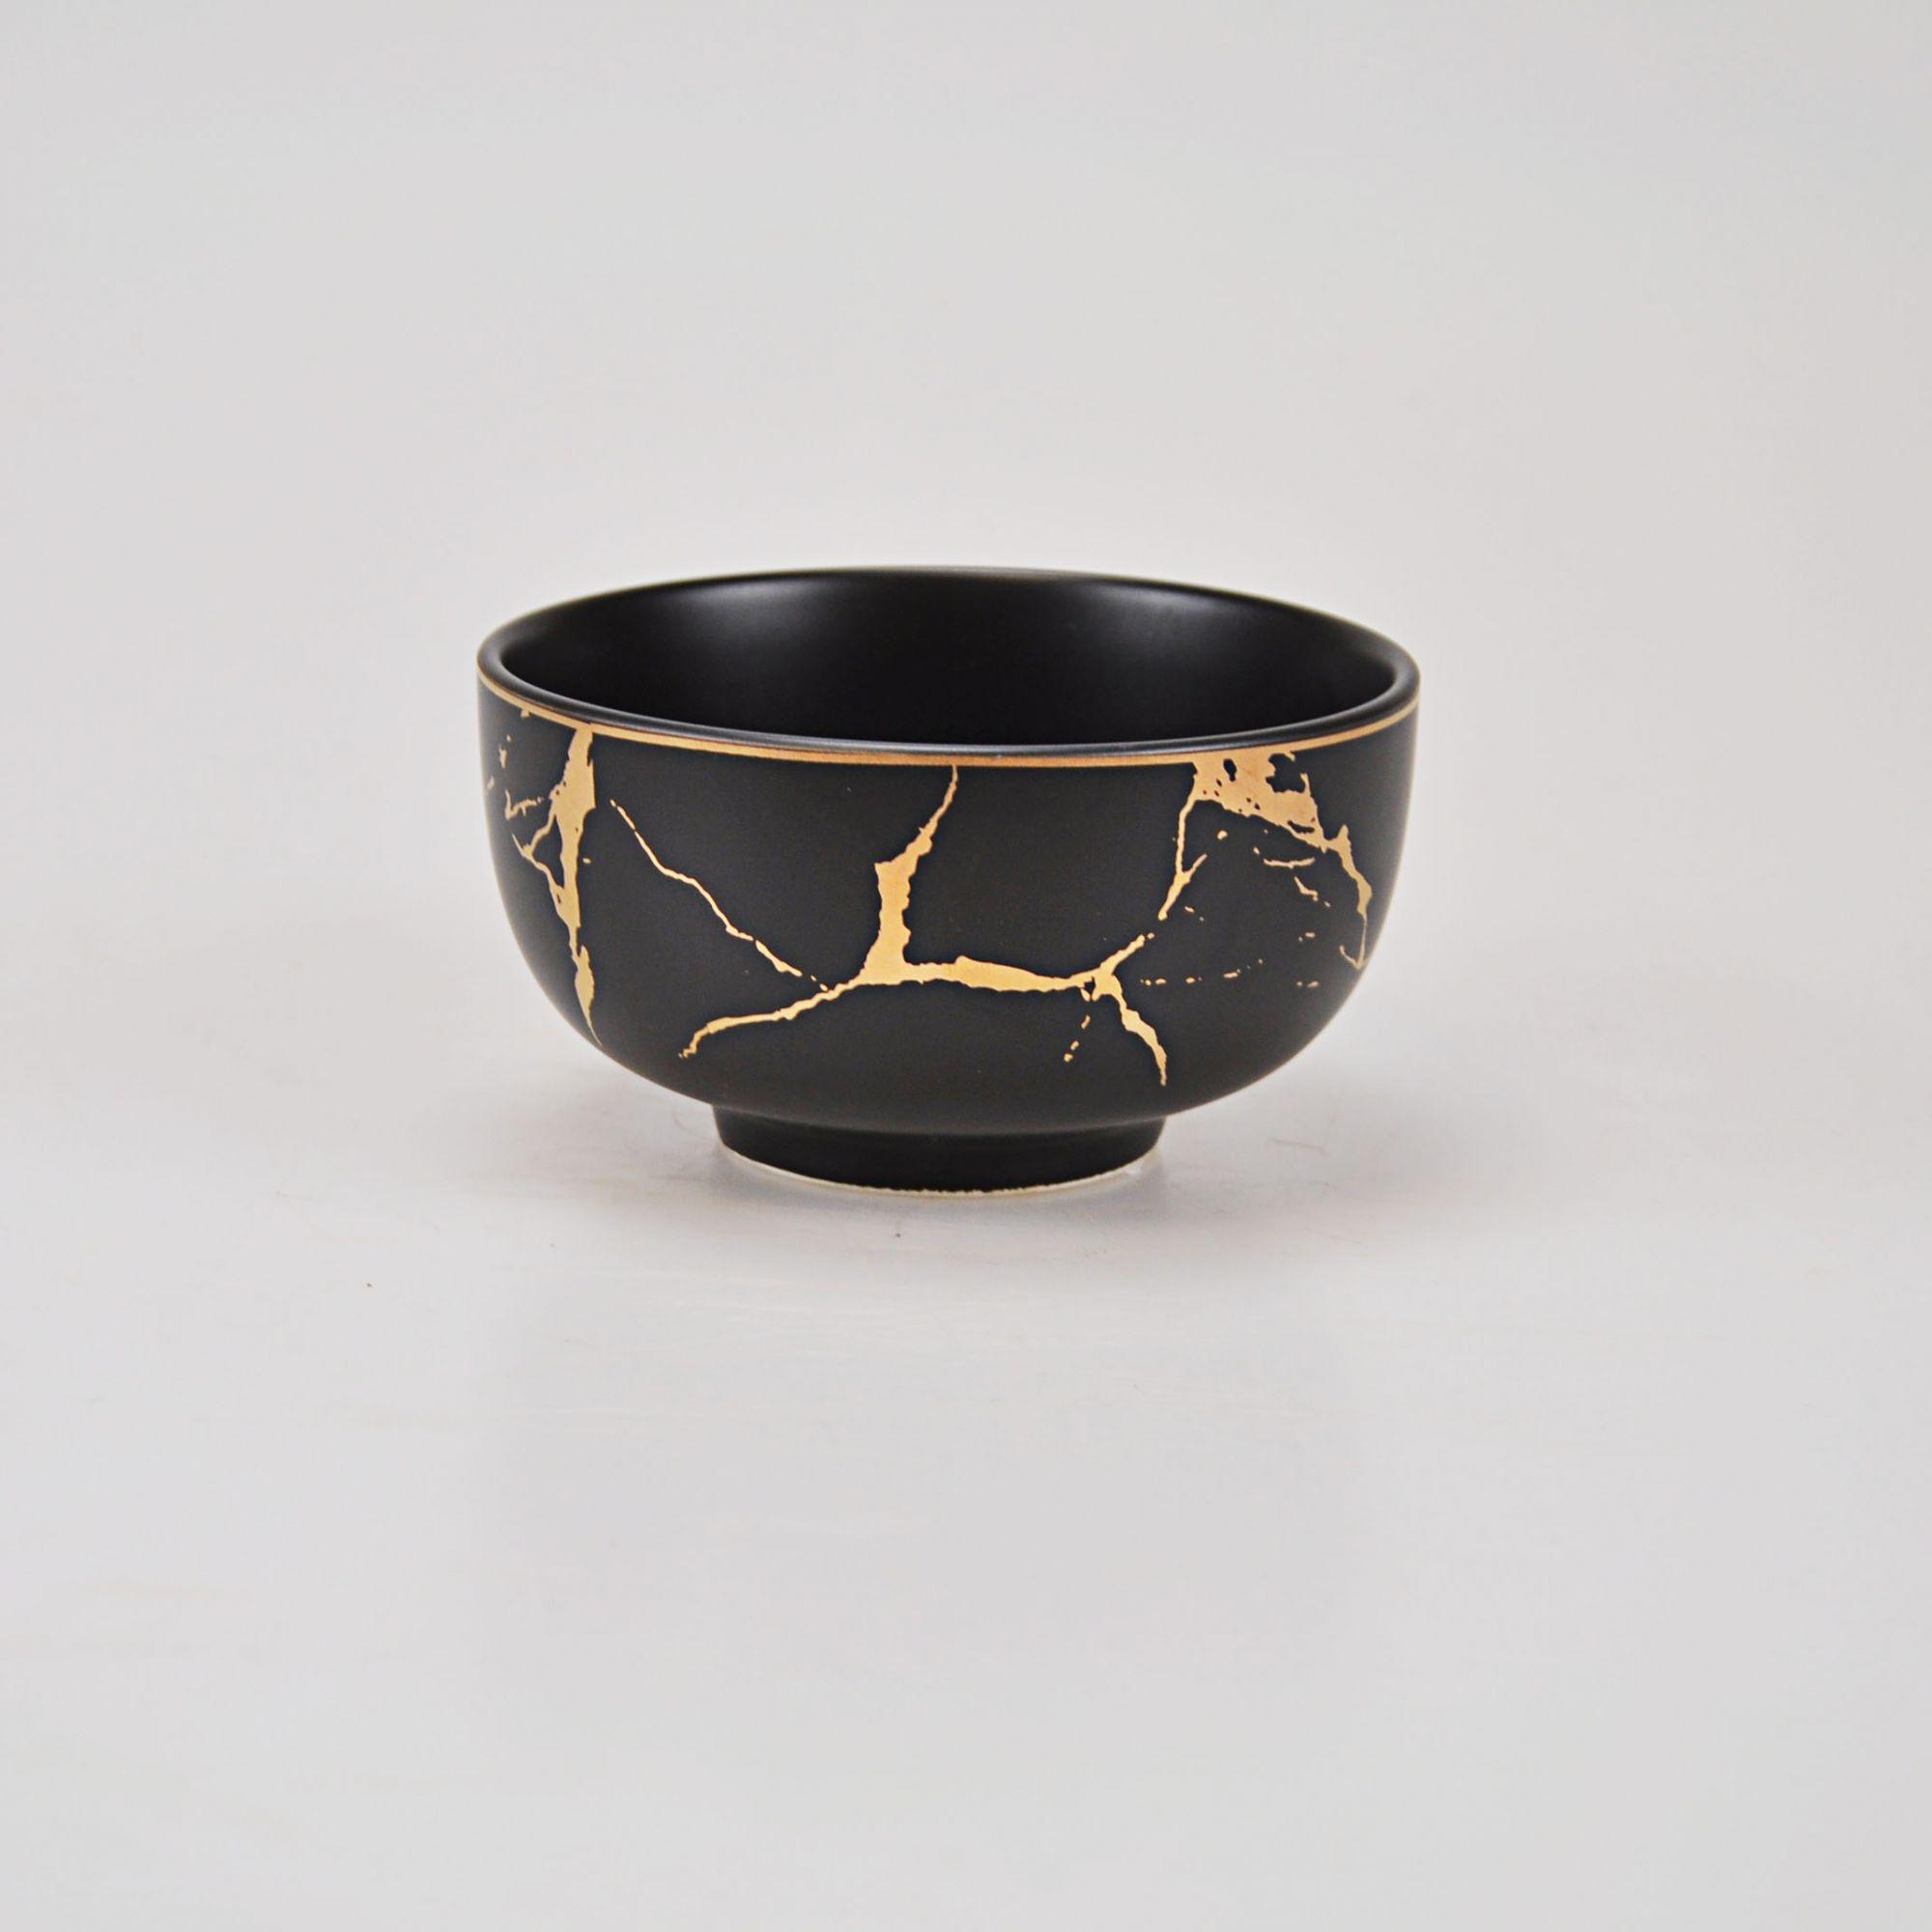 Tigela Cerâmica 11,5 x 6,5 cm (Dispon. duas cores)